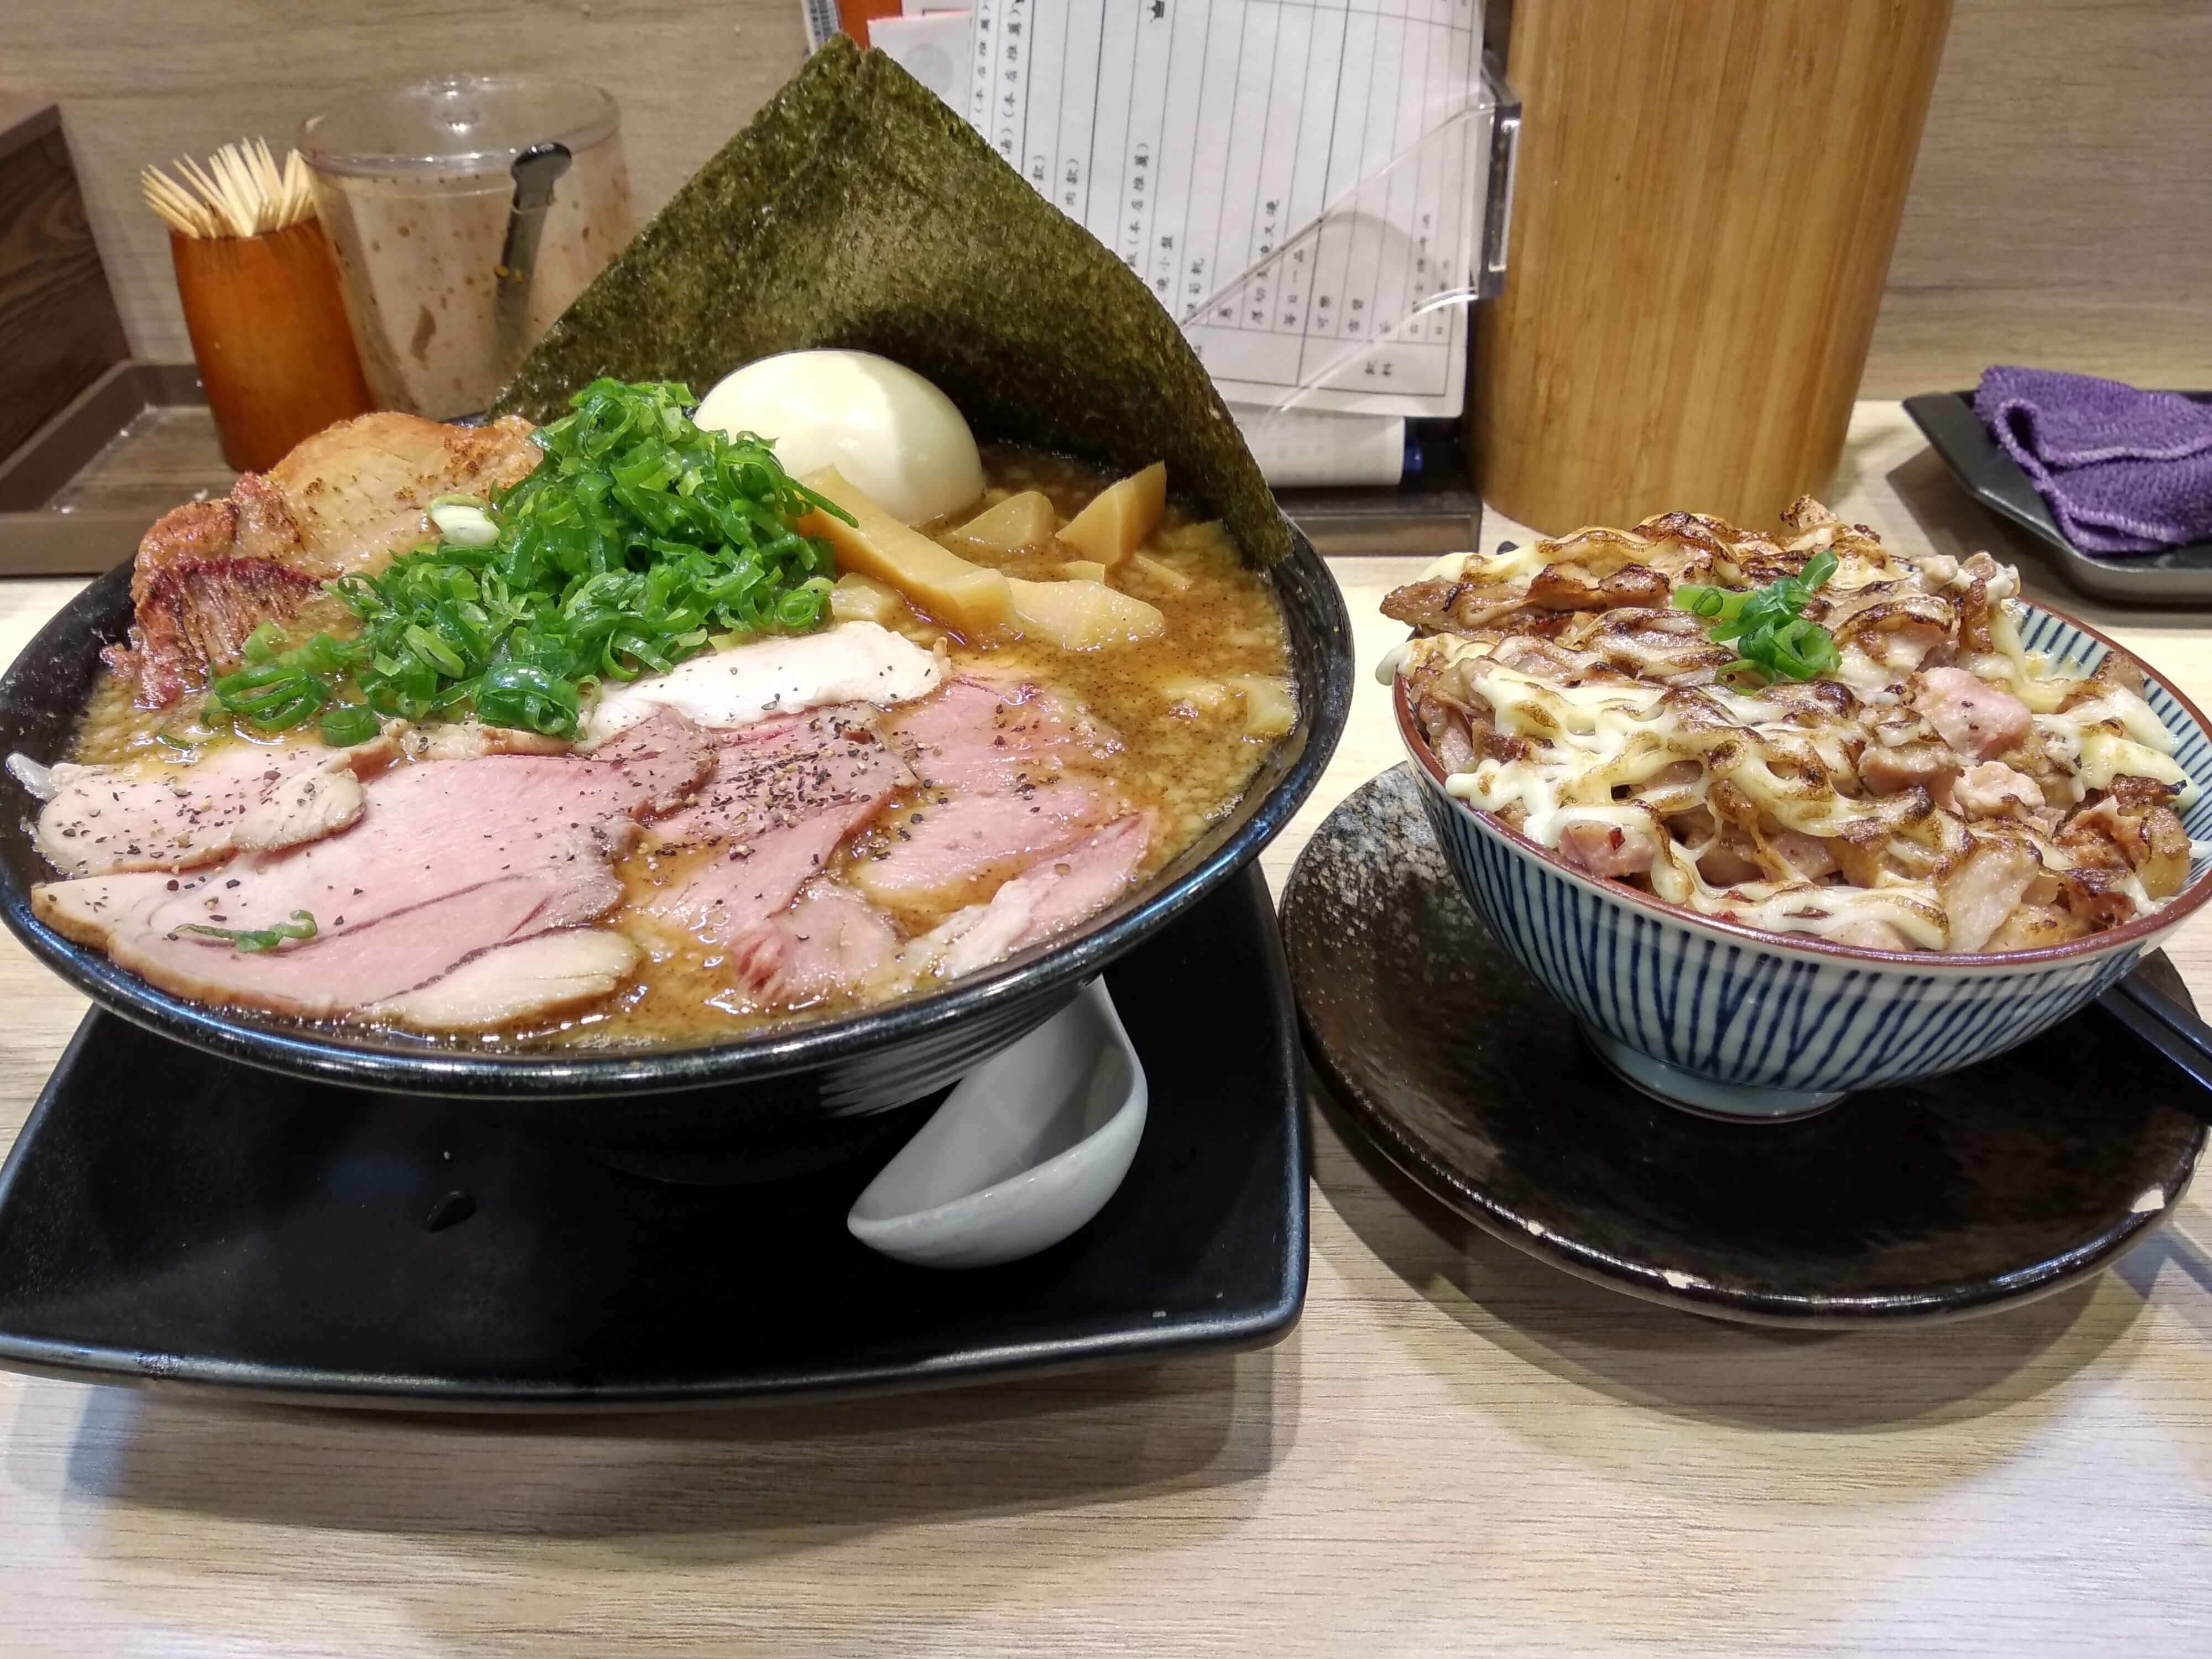 【新北板橋美食】双豚 ラーメン日式拉麵&濃厚湯頭&叉燒